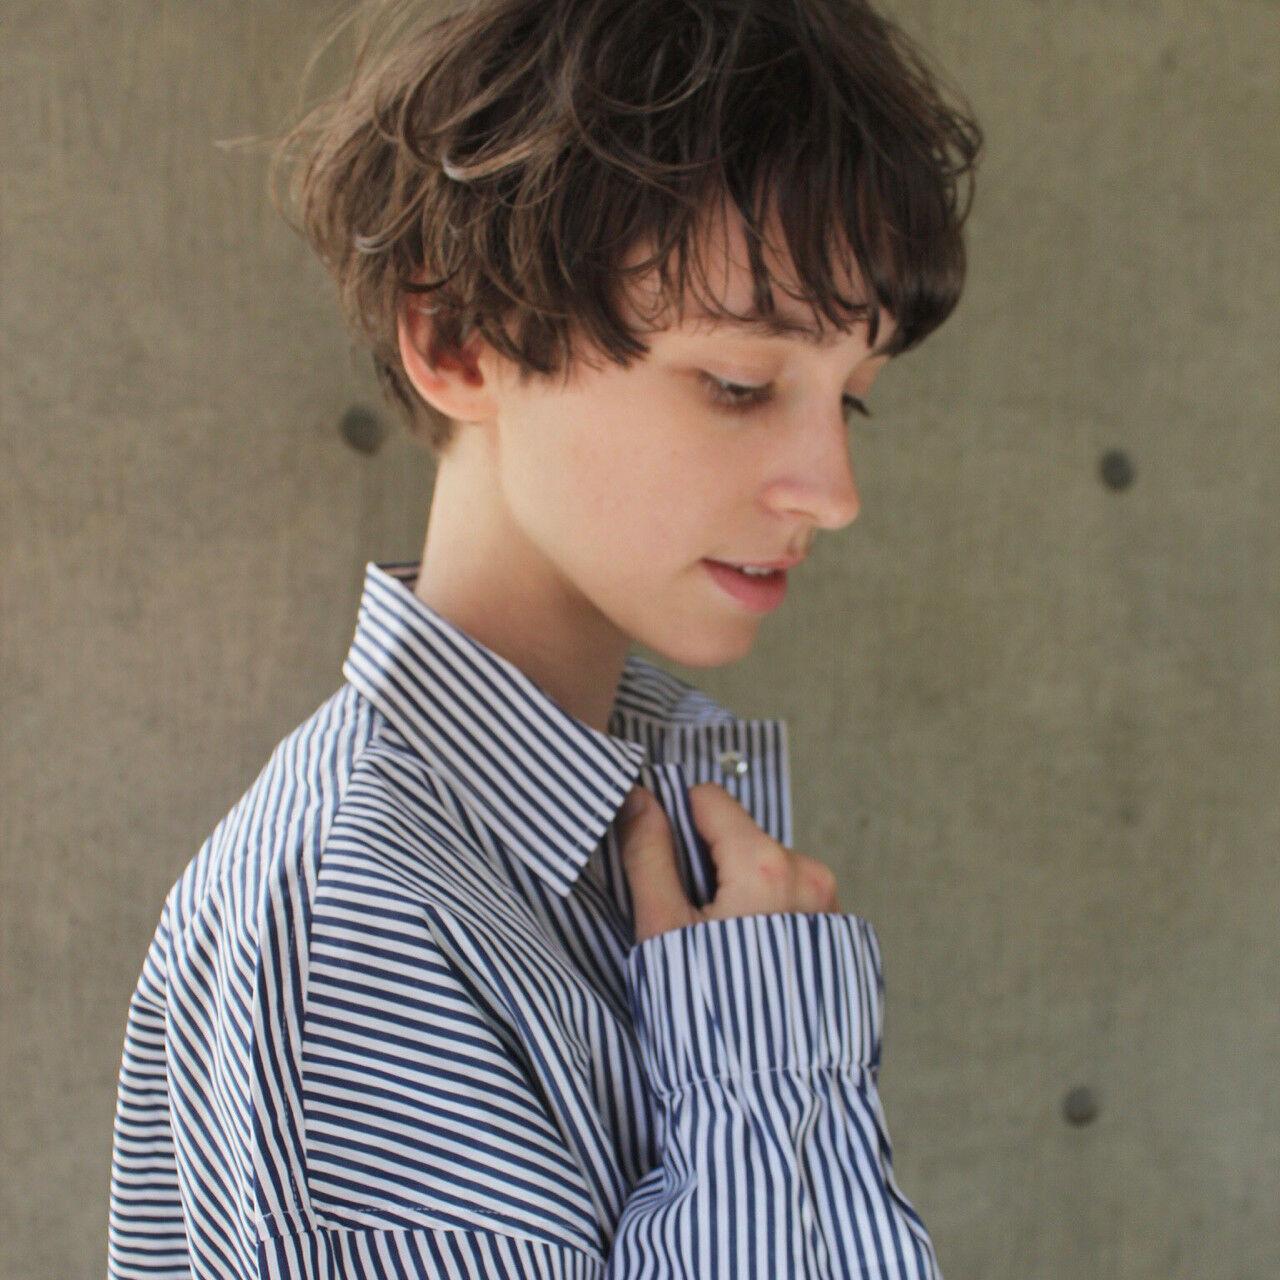 ウェーブ ショート パーマ モードヘアスタイルや髪型の写真・画像